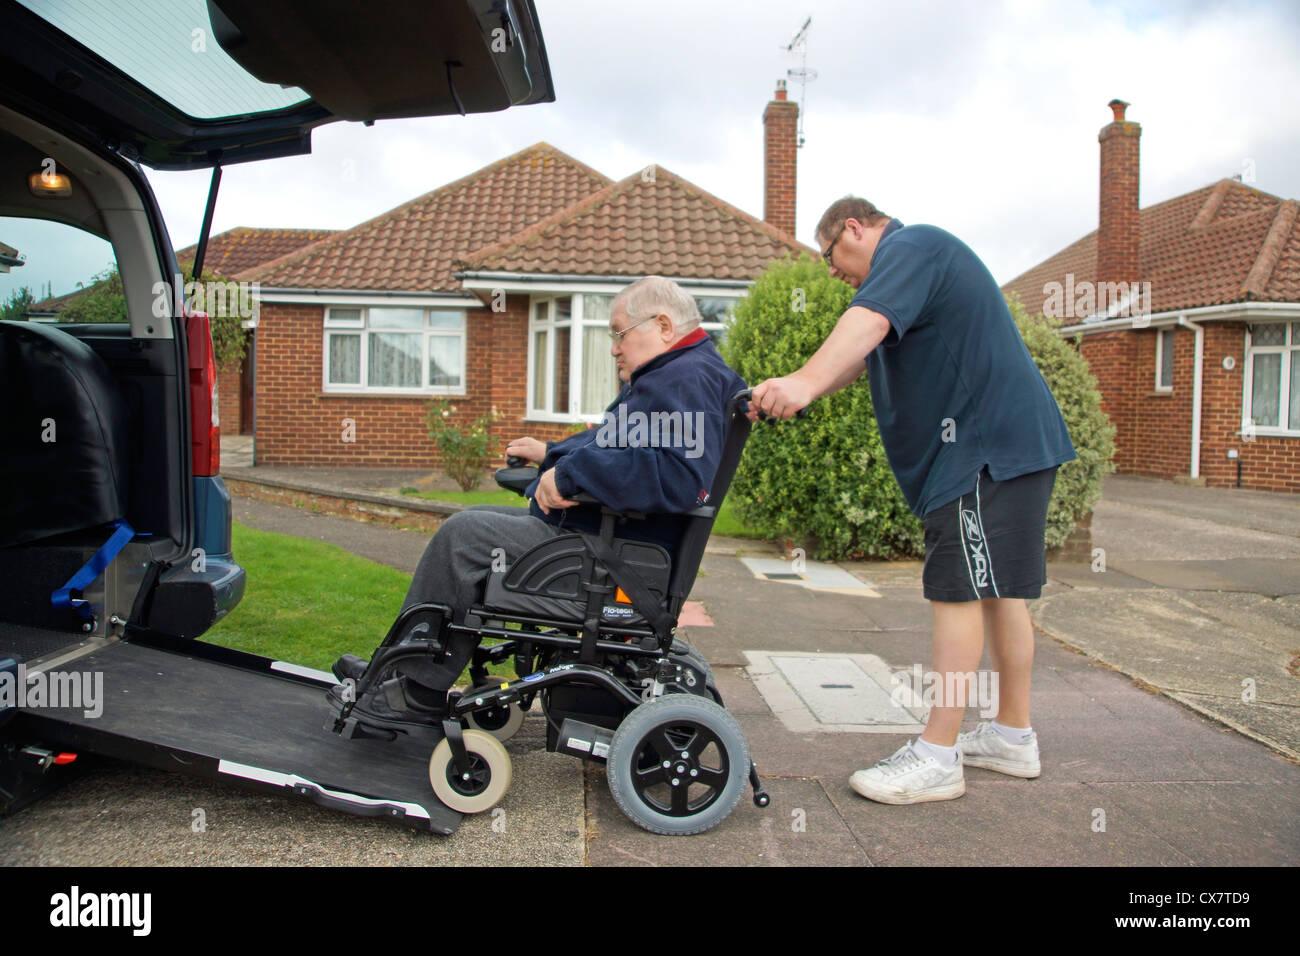 Carer mâle fils de pousser un vieil homme handicapé dans un fauteuil roulant sur un bâti en rampe dans une voiture Banque D'Images